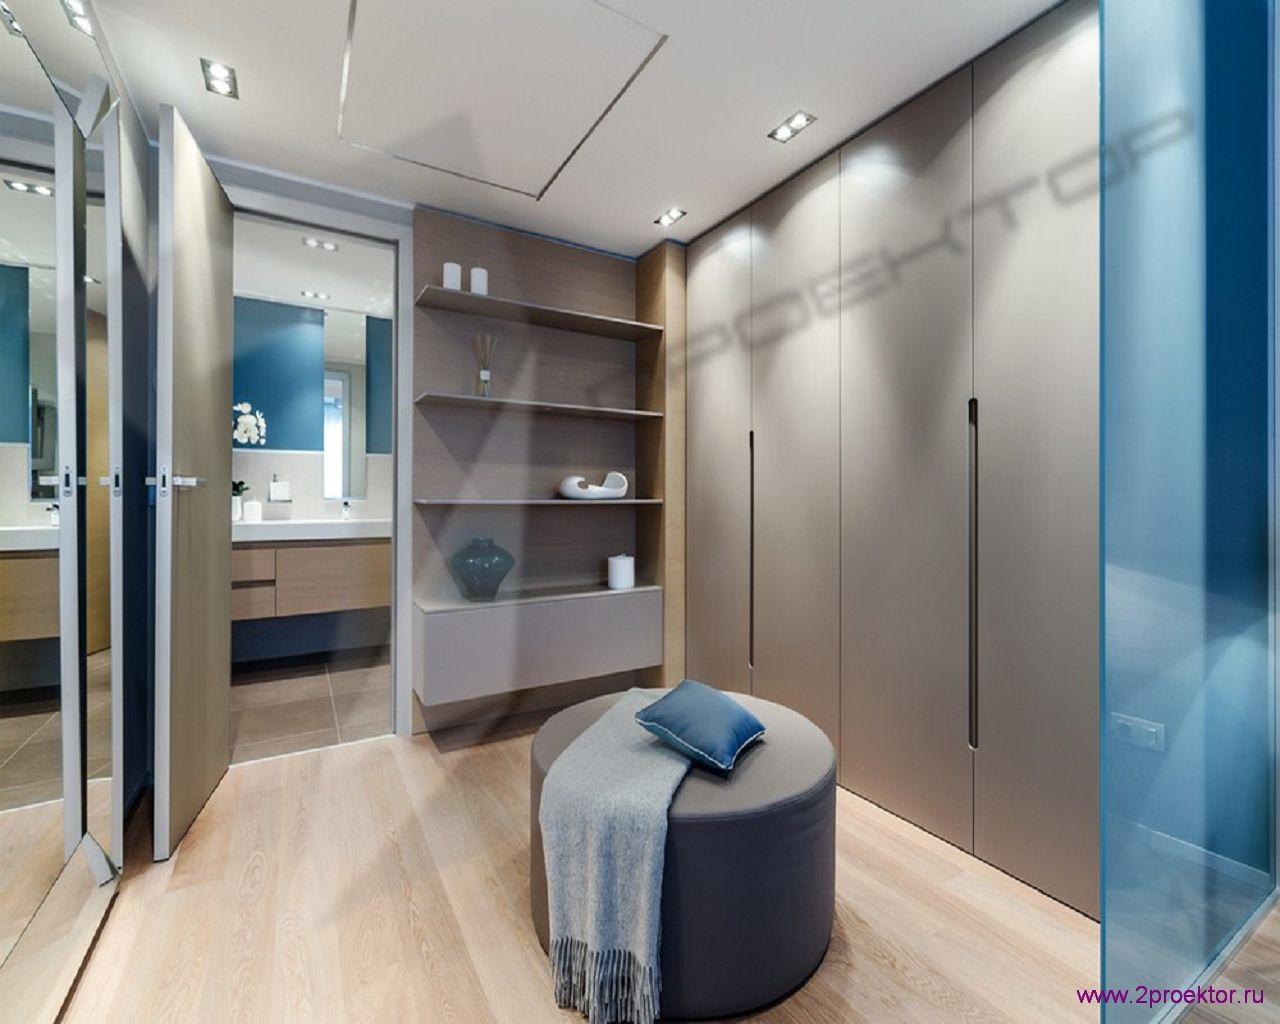 Дизайн гардеробной комнаты совмещенной с санузлом в Жилом комплексе Солнечный берег.